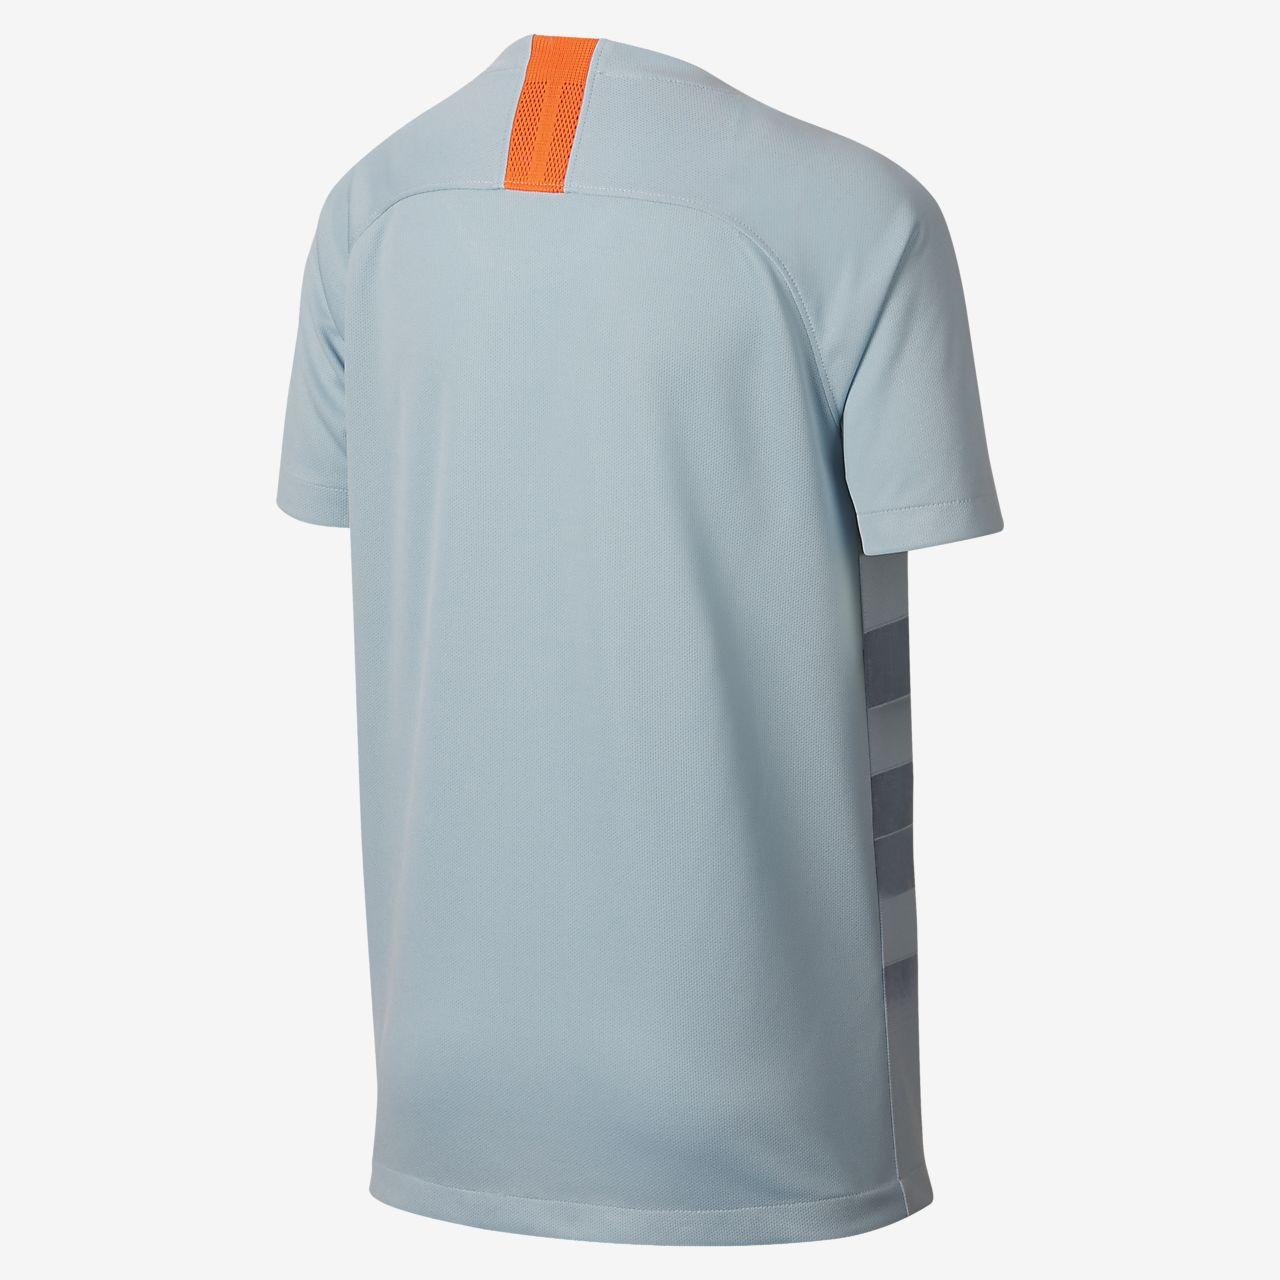 458b7f0abe888 ... Camiseta de fútbol para niños talla grande alternativa Stadium del  Chelsea FC 2018 19